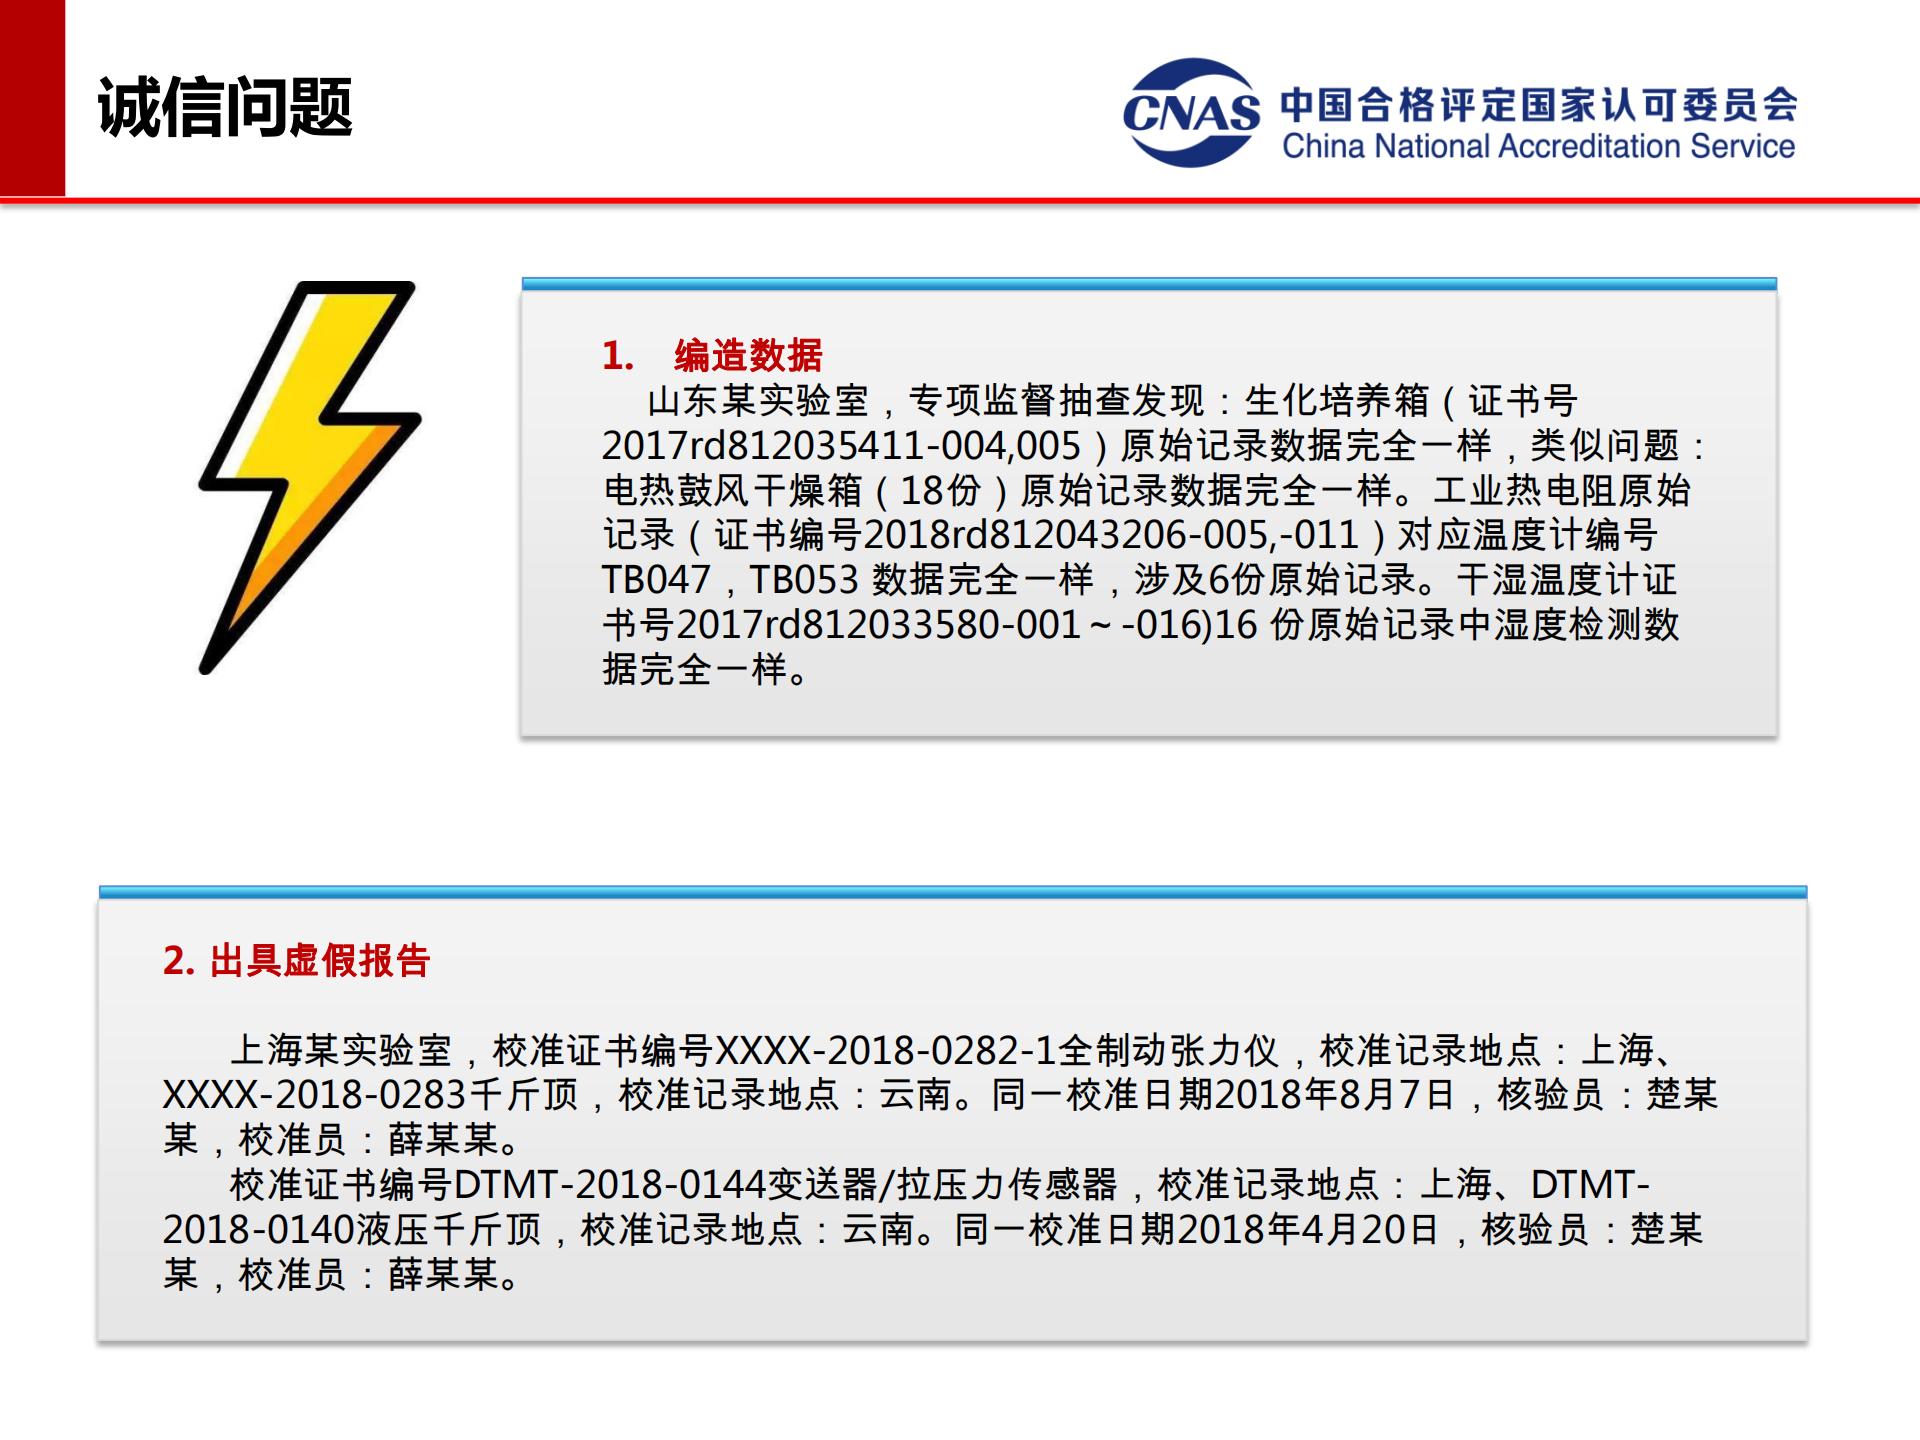 专项监督典型案例(发言人:认可七处 冯涛)_12.png